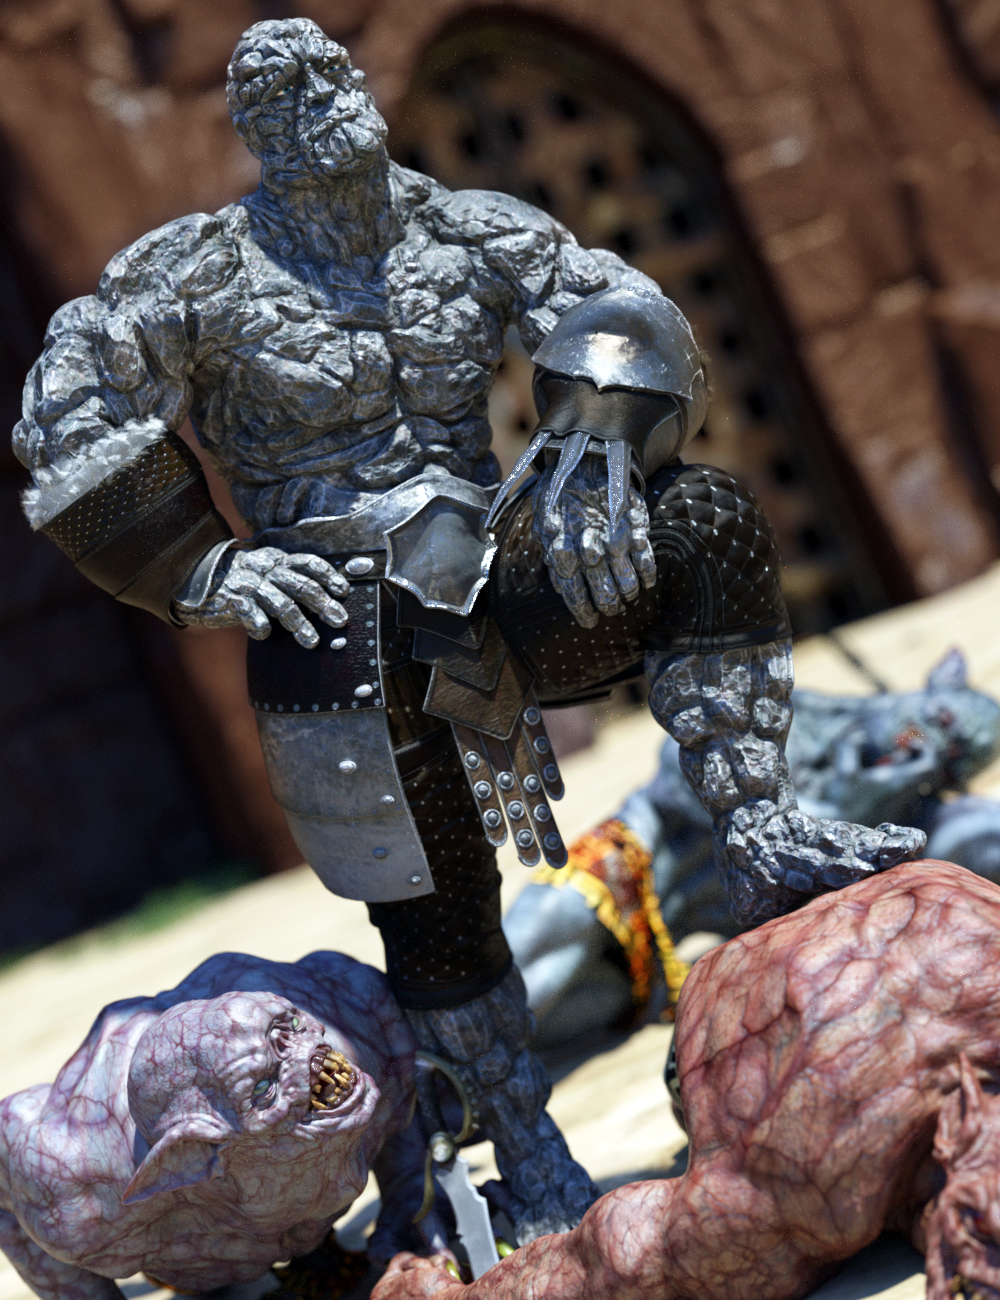 Mr Rubble HD for Brute 8 by: JoeQuick, 3D Models by Daz 3D